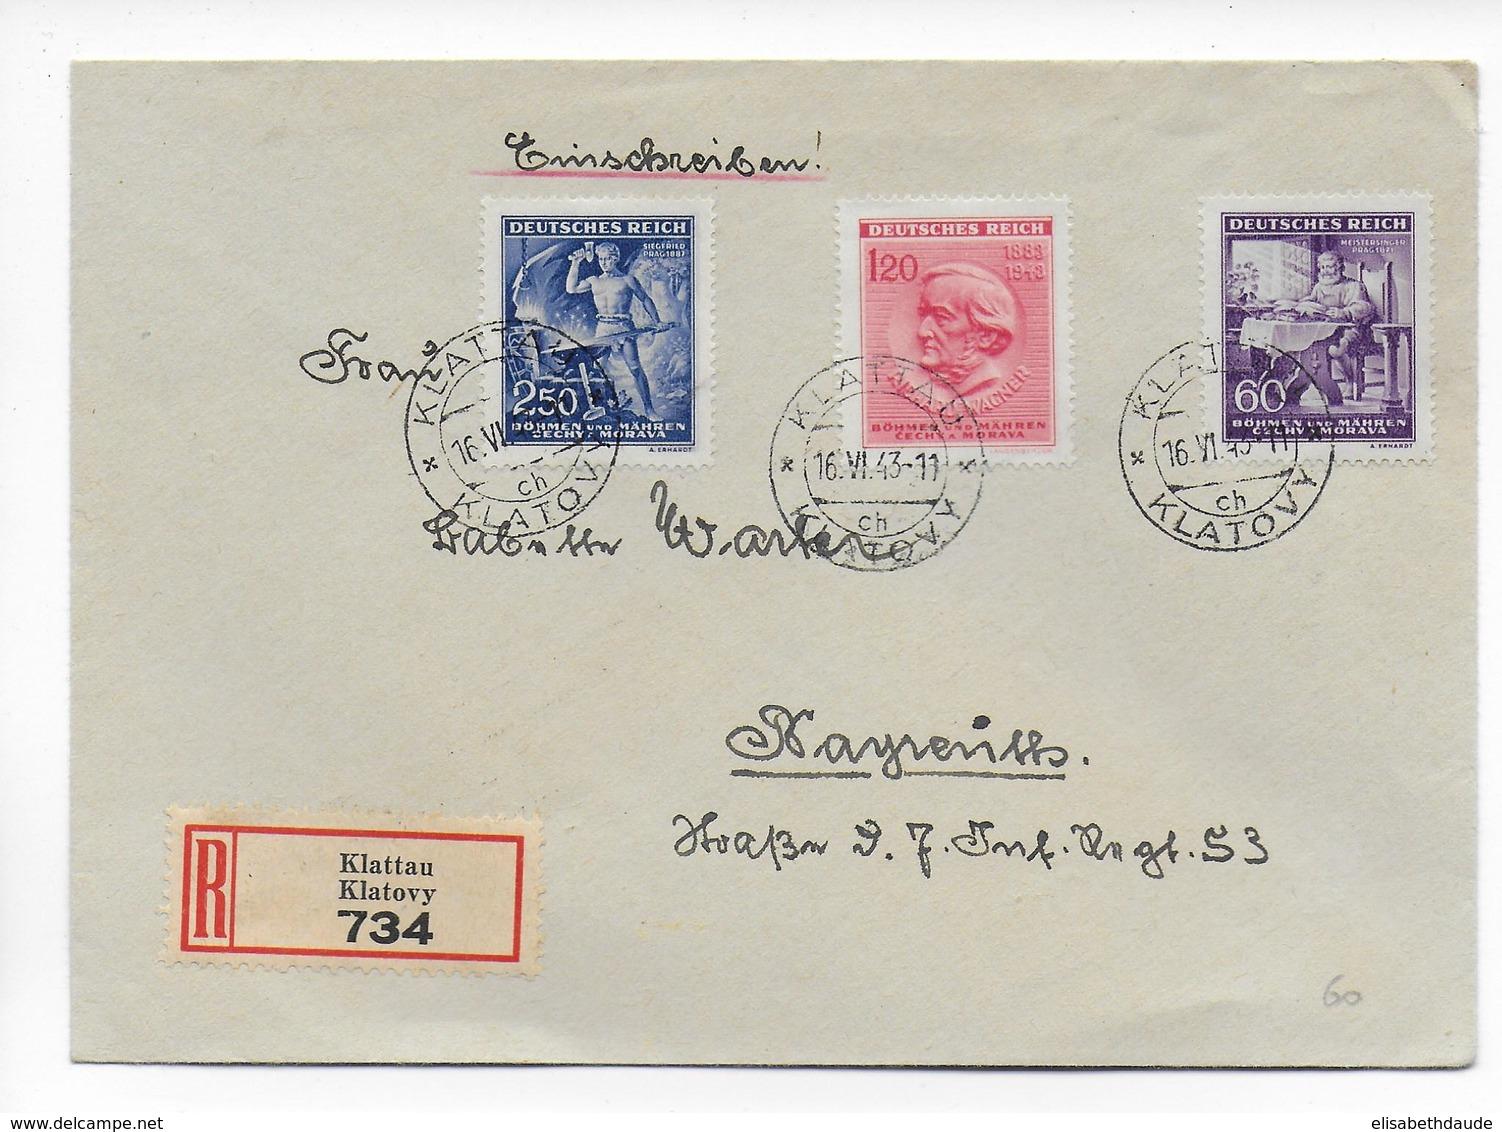 BÖHMEN Und MÄHREN - 1943 - ENVELOPPE RECOMMANDEE De KLATOVY => BAYREUTH - WAGNER - MUSIQUE - Bohême & Moravie